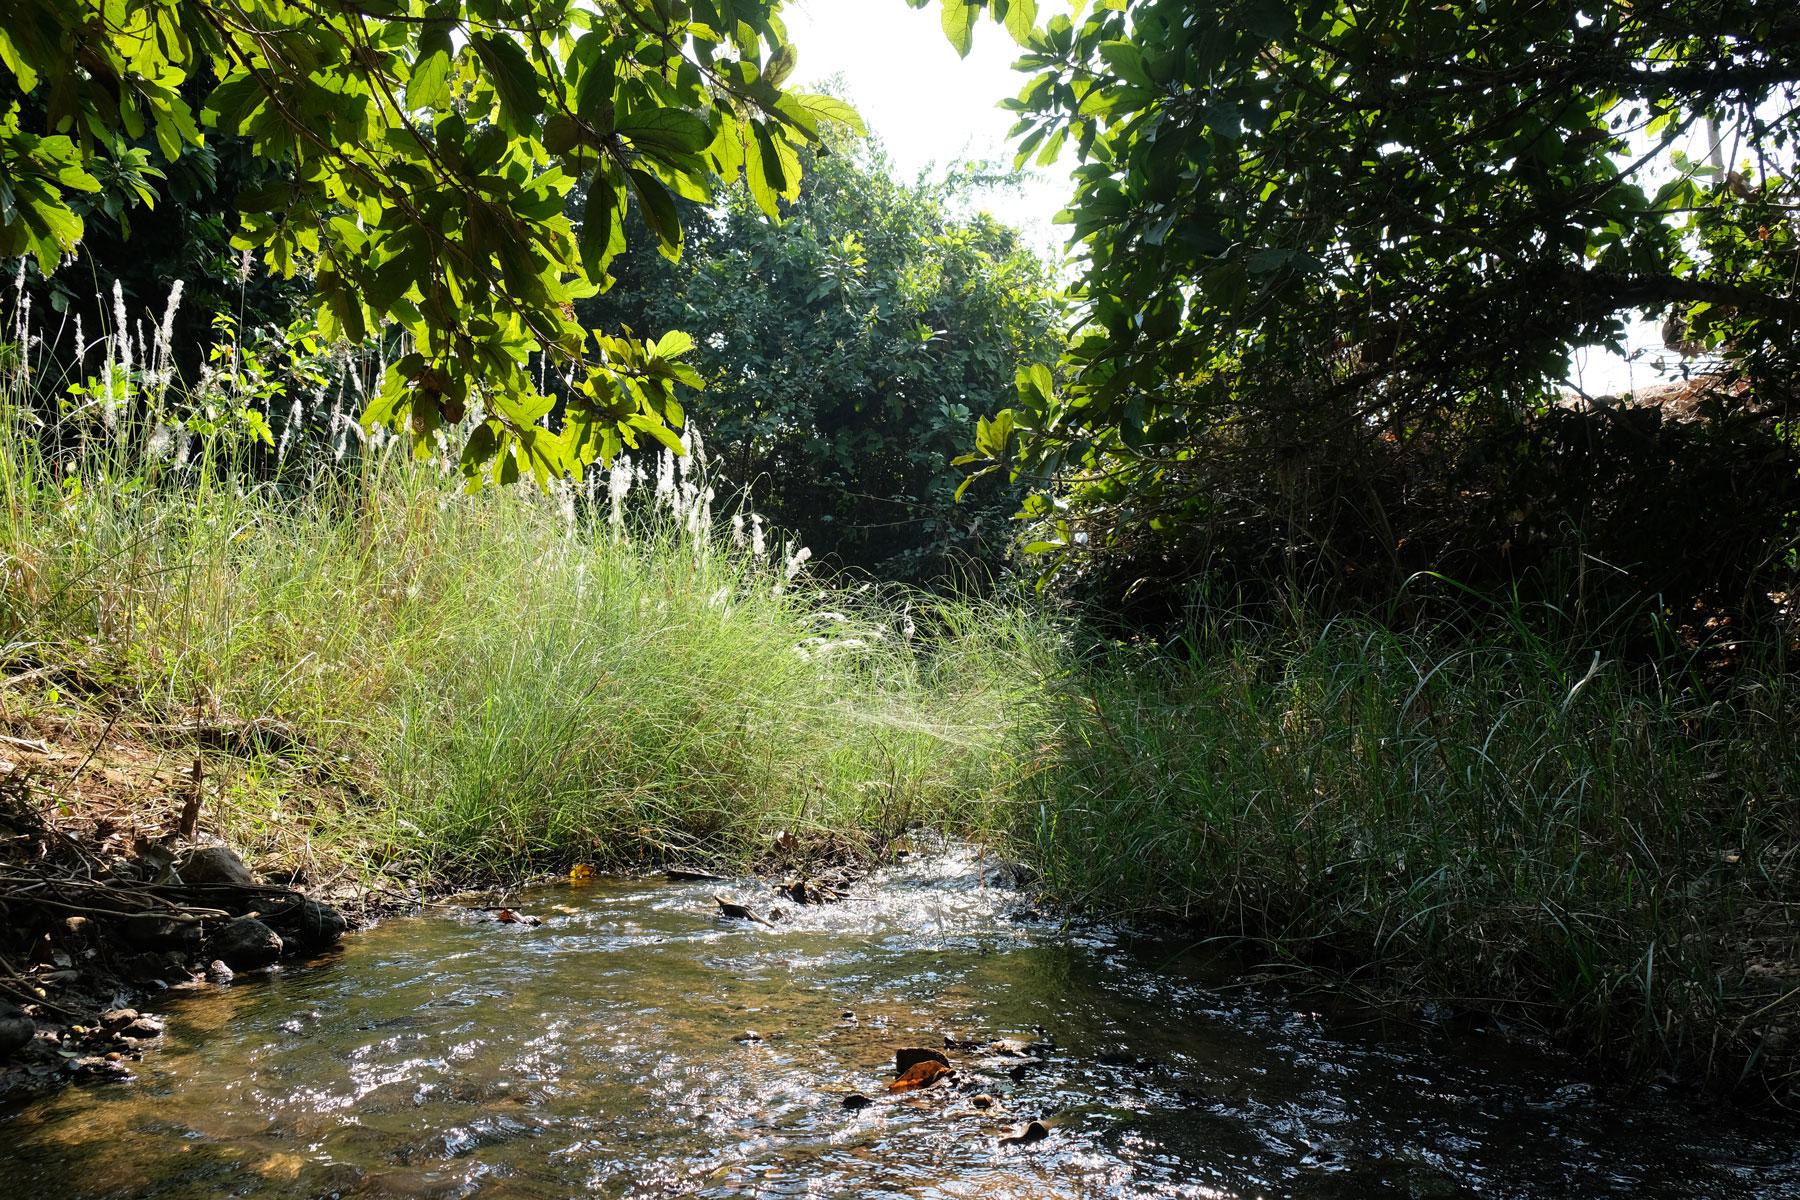 Ein Bach, der von Gras und Bäumen umgeben ist.